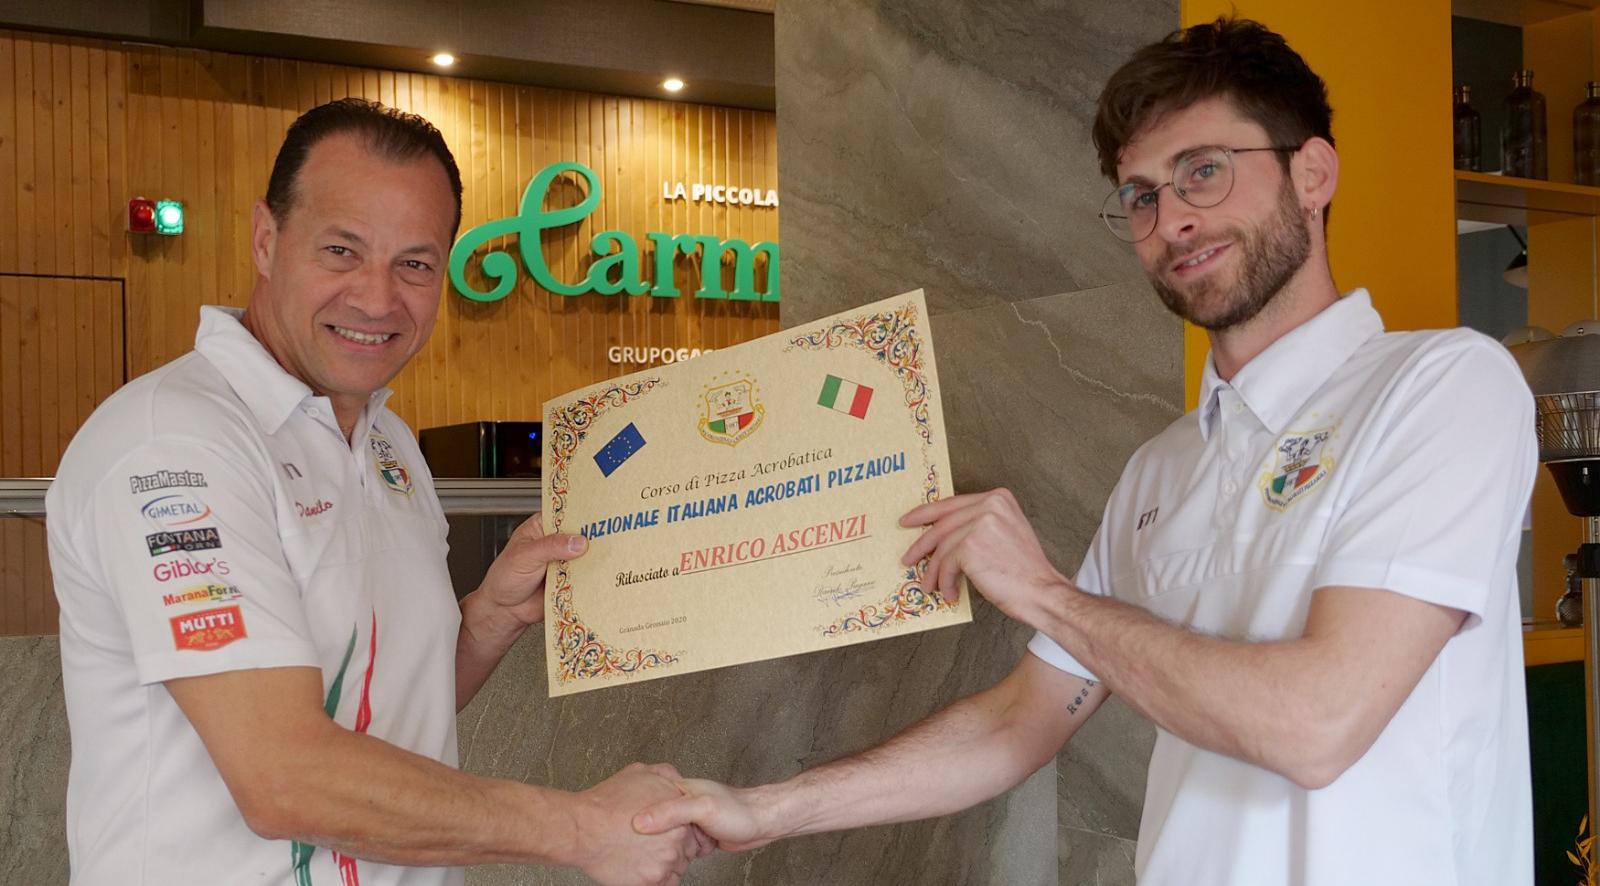 Danielo Pagano entrega el diploma a Enrico Ascenzi